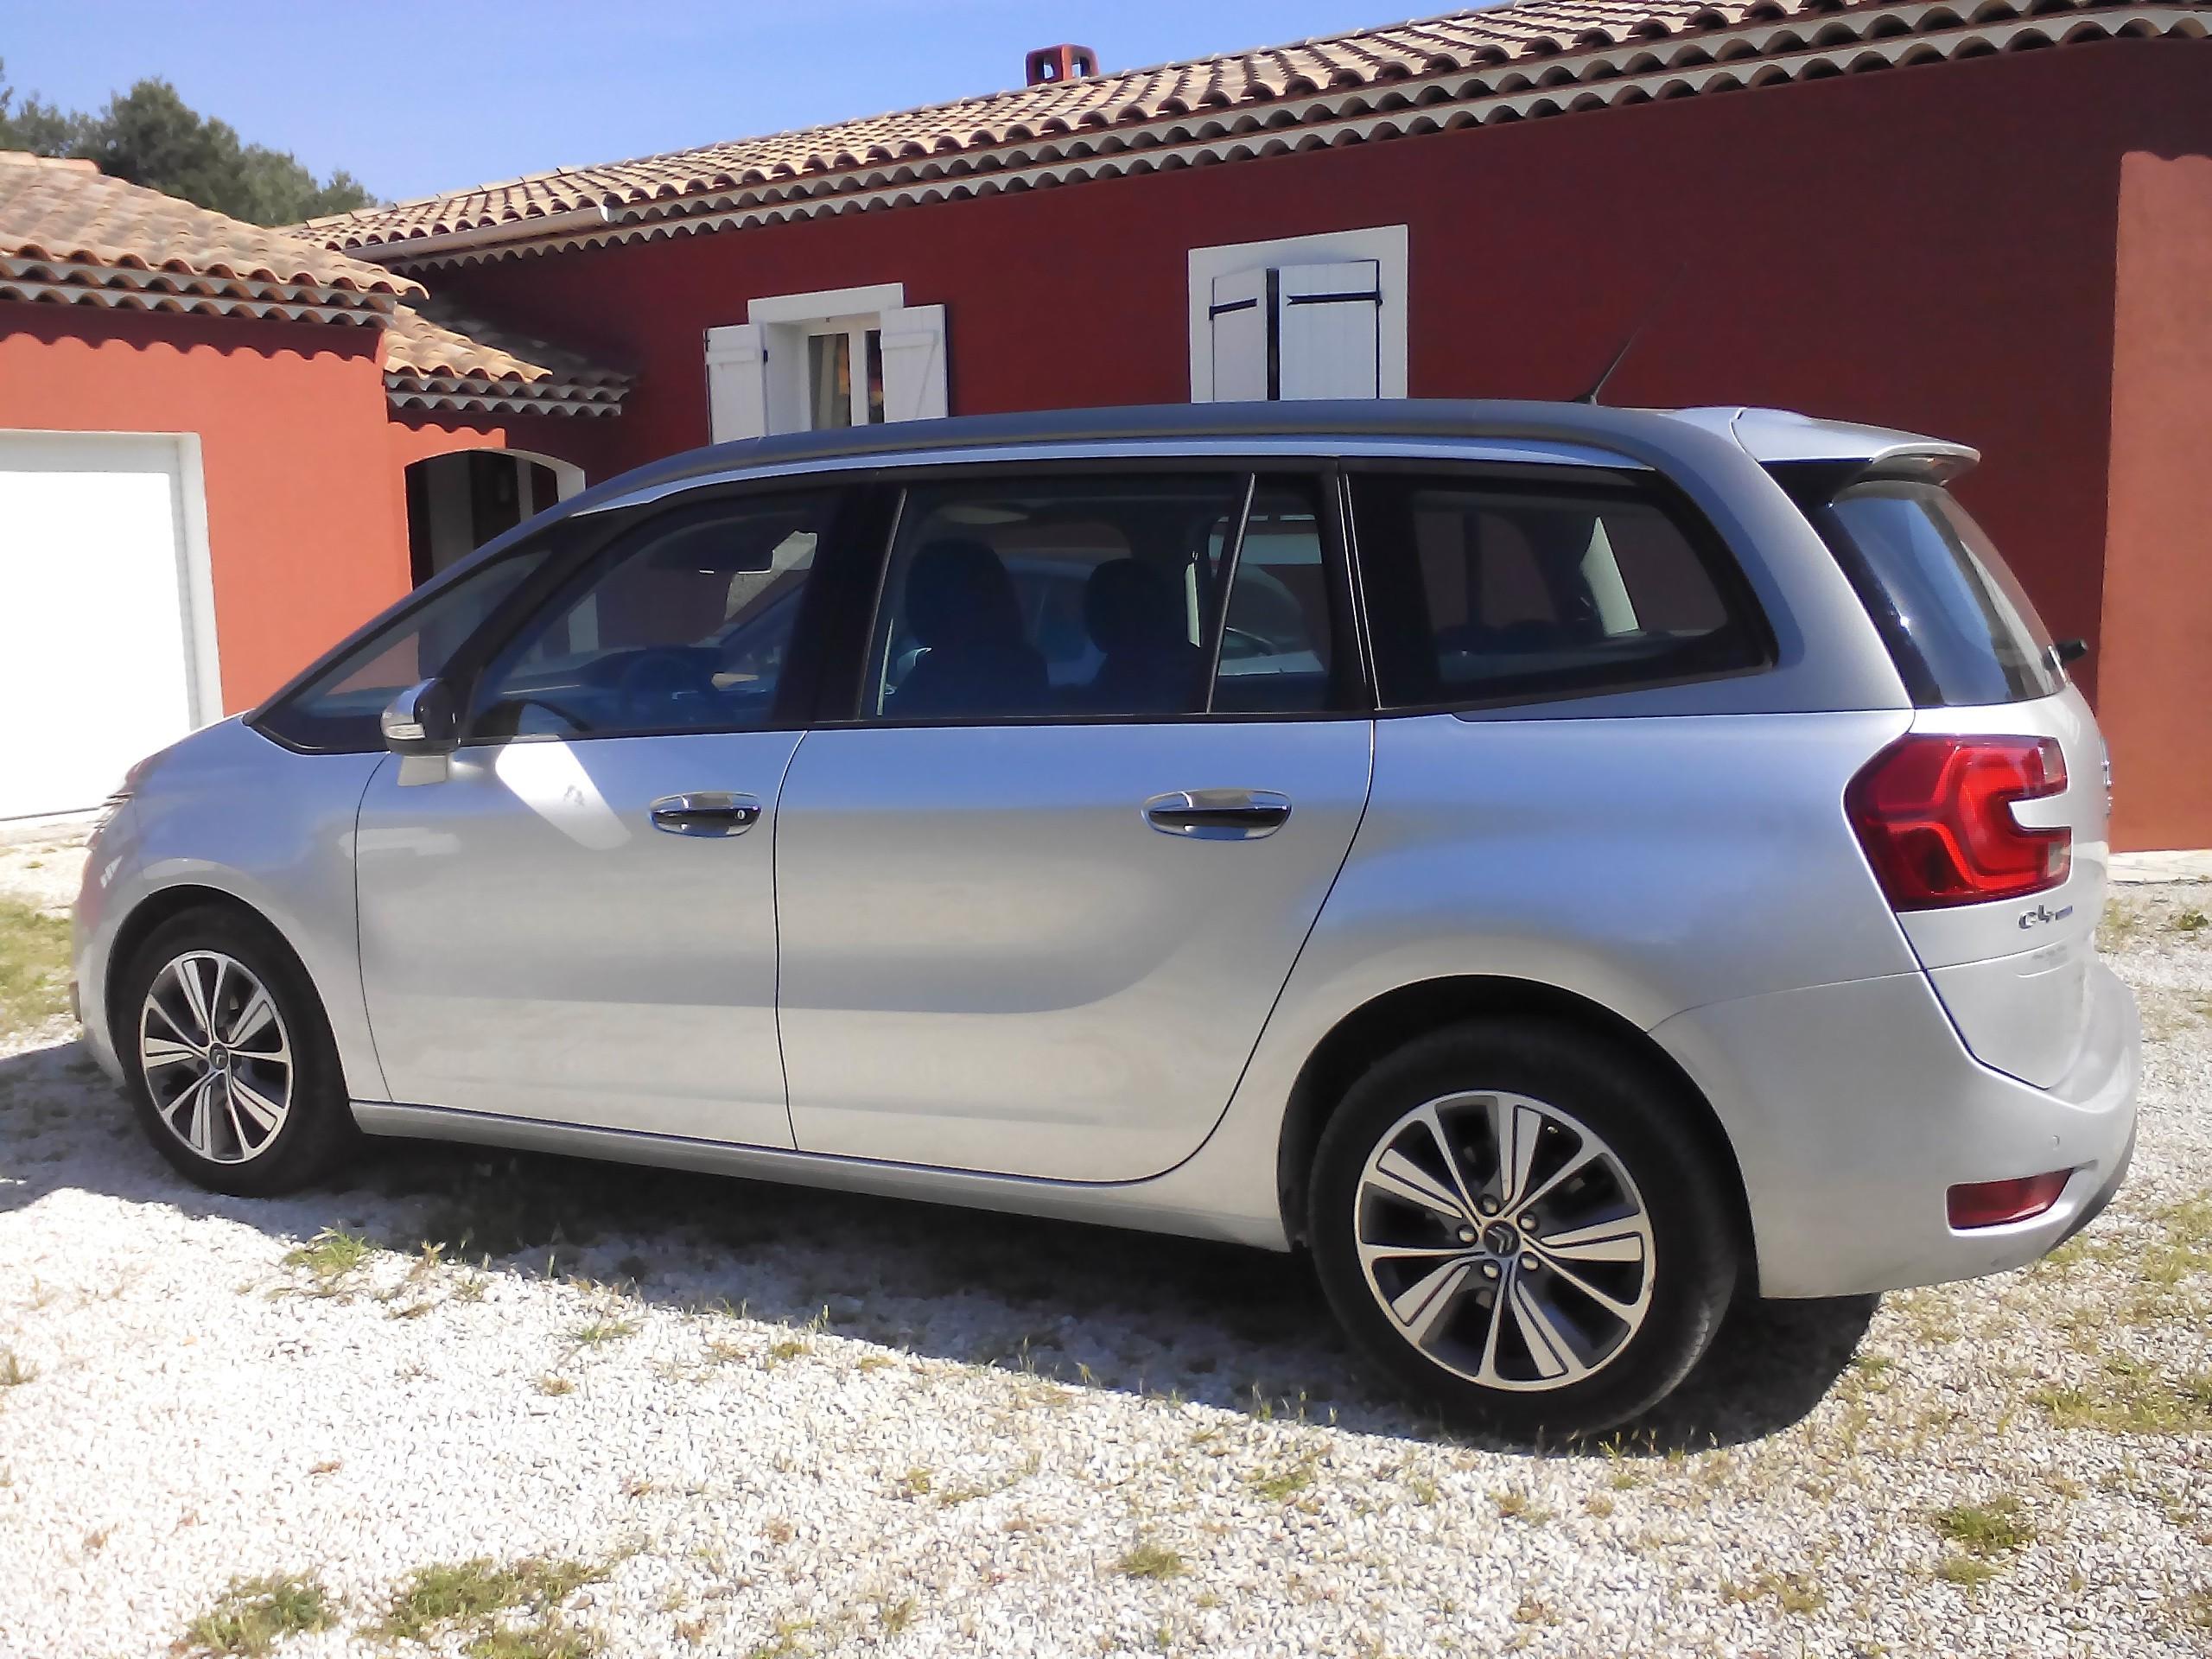 Citroën Grand C4 Picasso Diesel Manuelle 2014